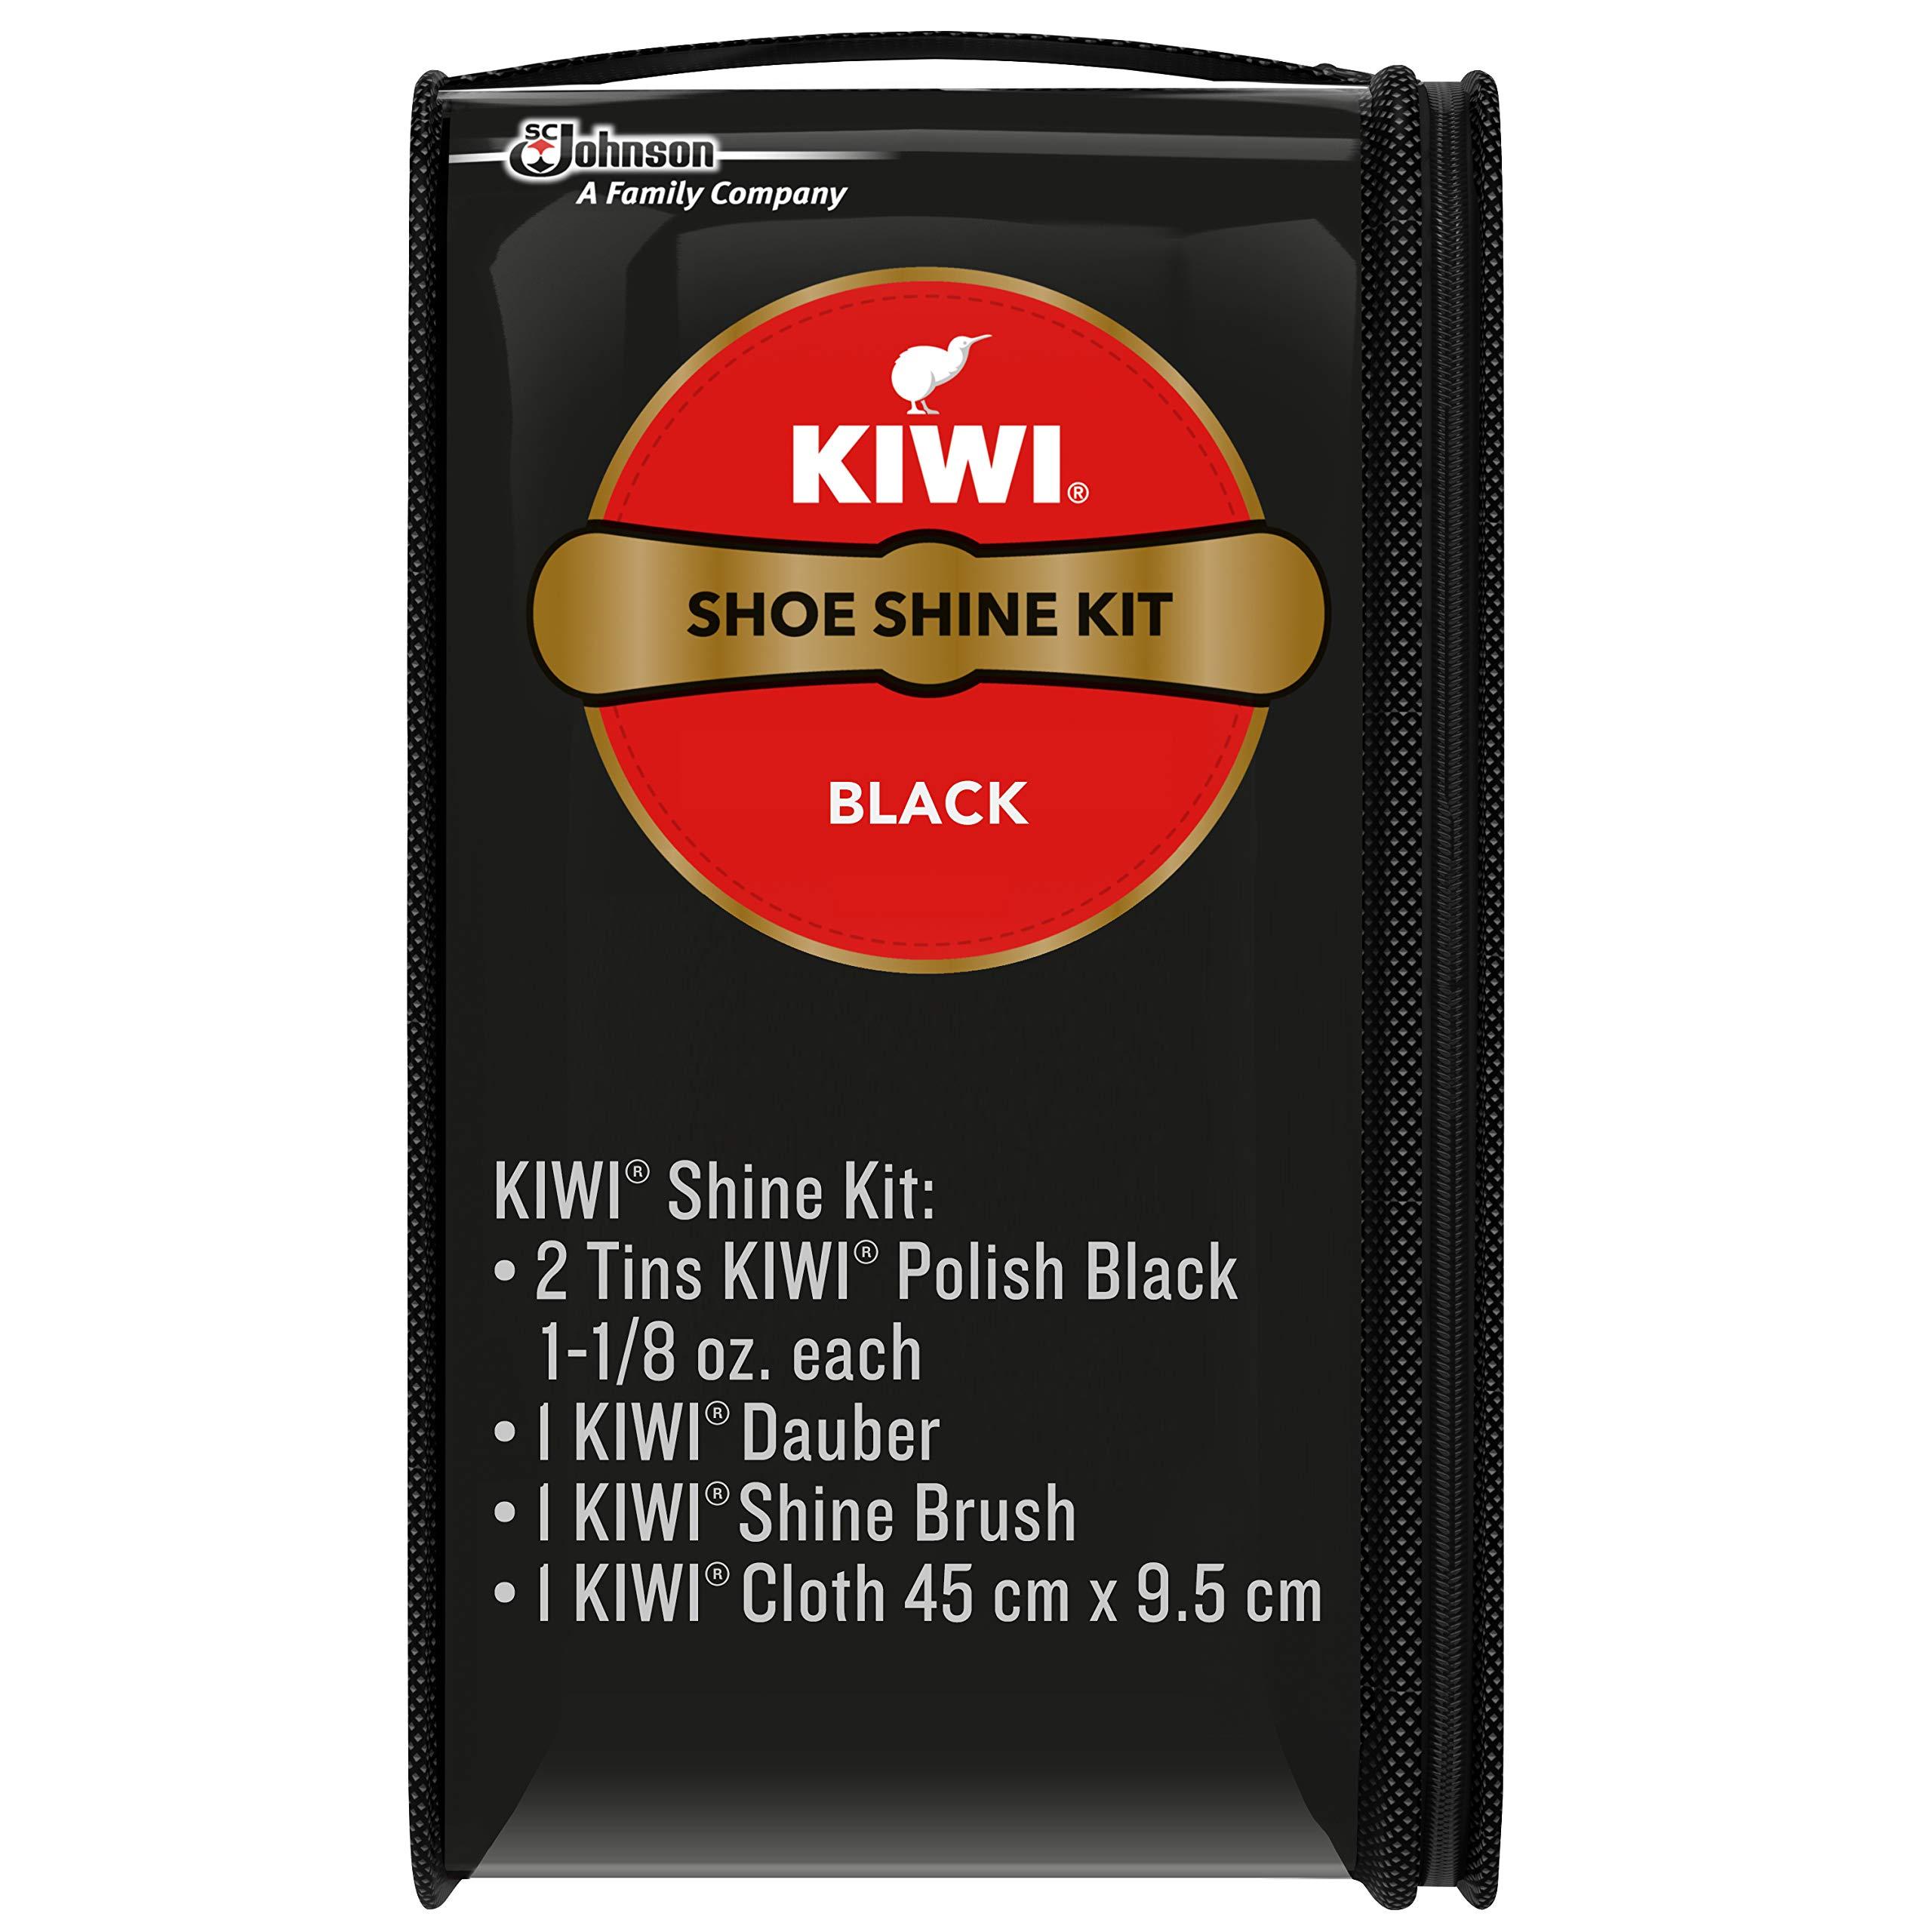 Kiwi Shoe Shine Kit, Negro (2 latas, 1 cepillo, 1 Dauber y 1